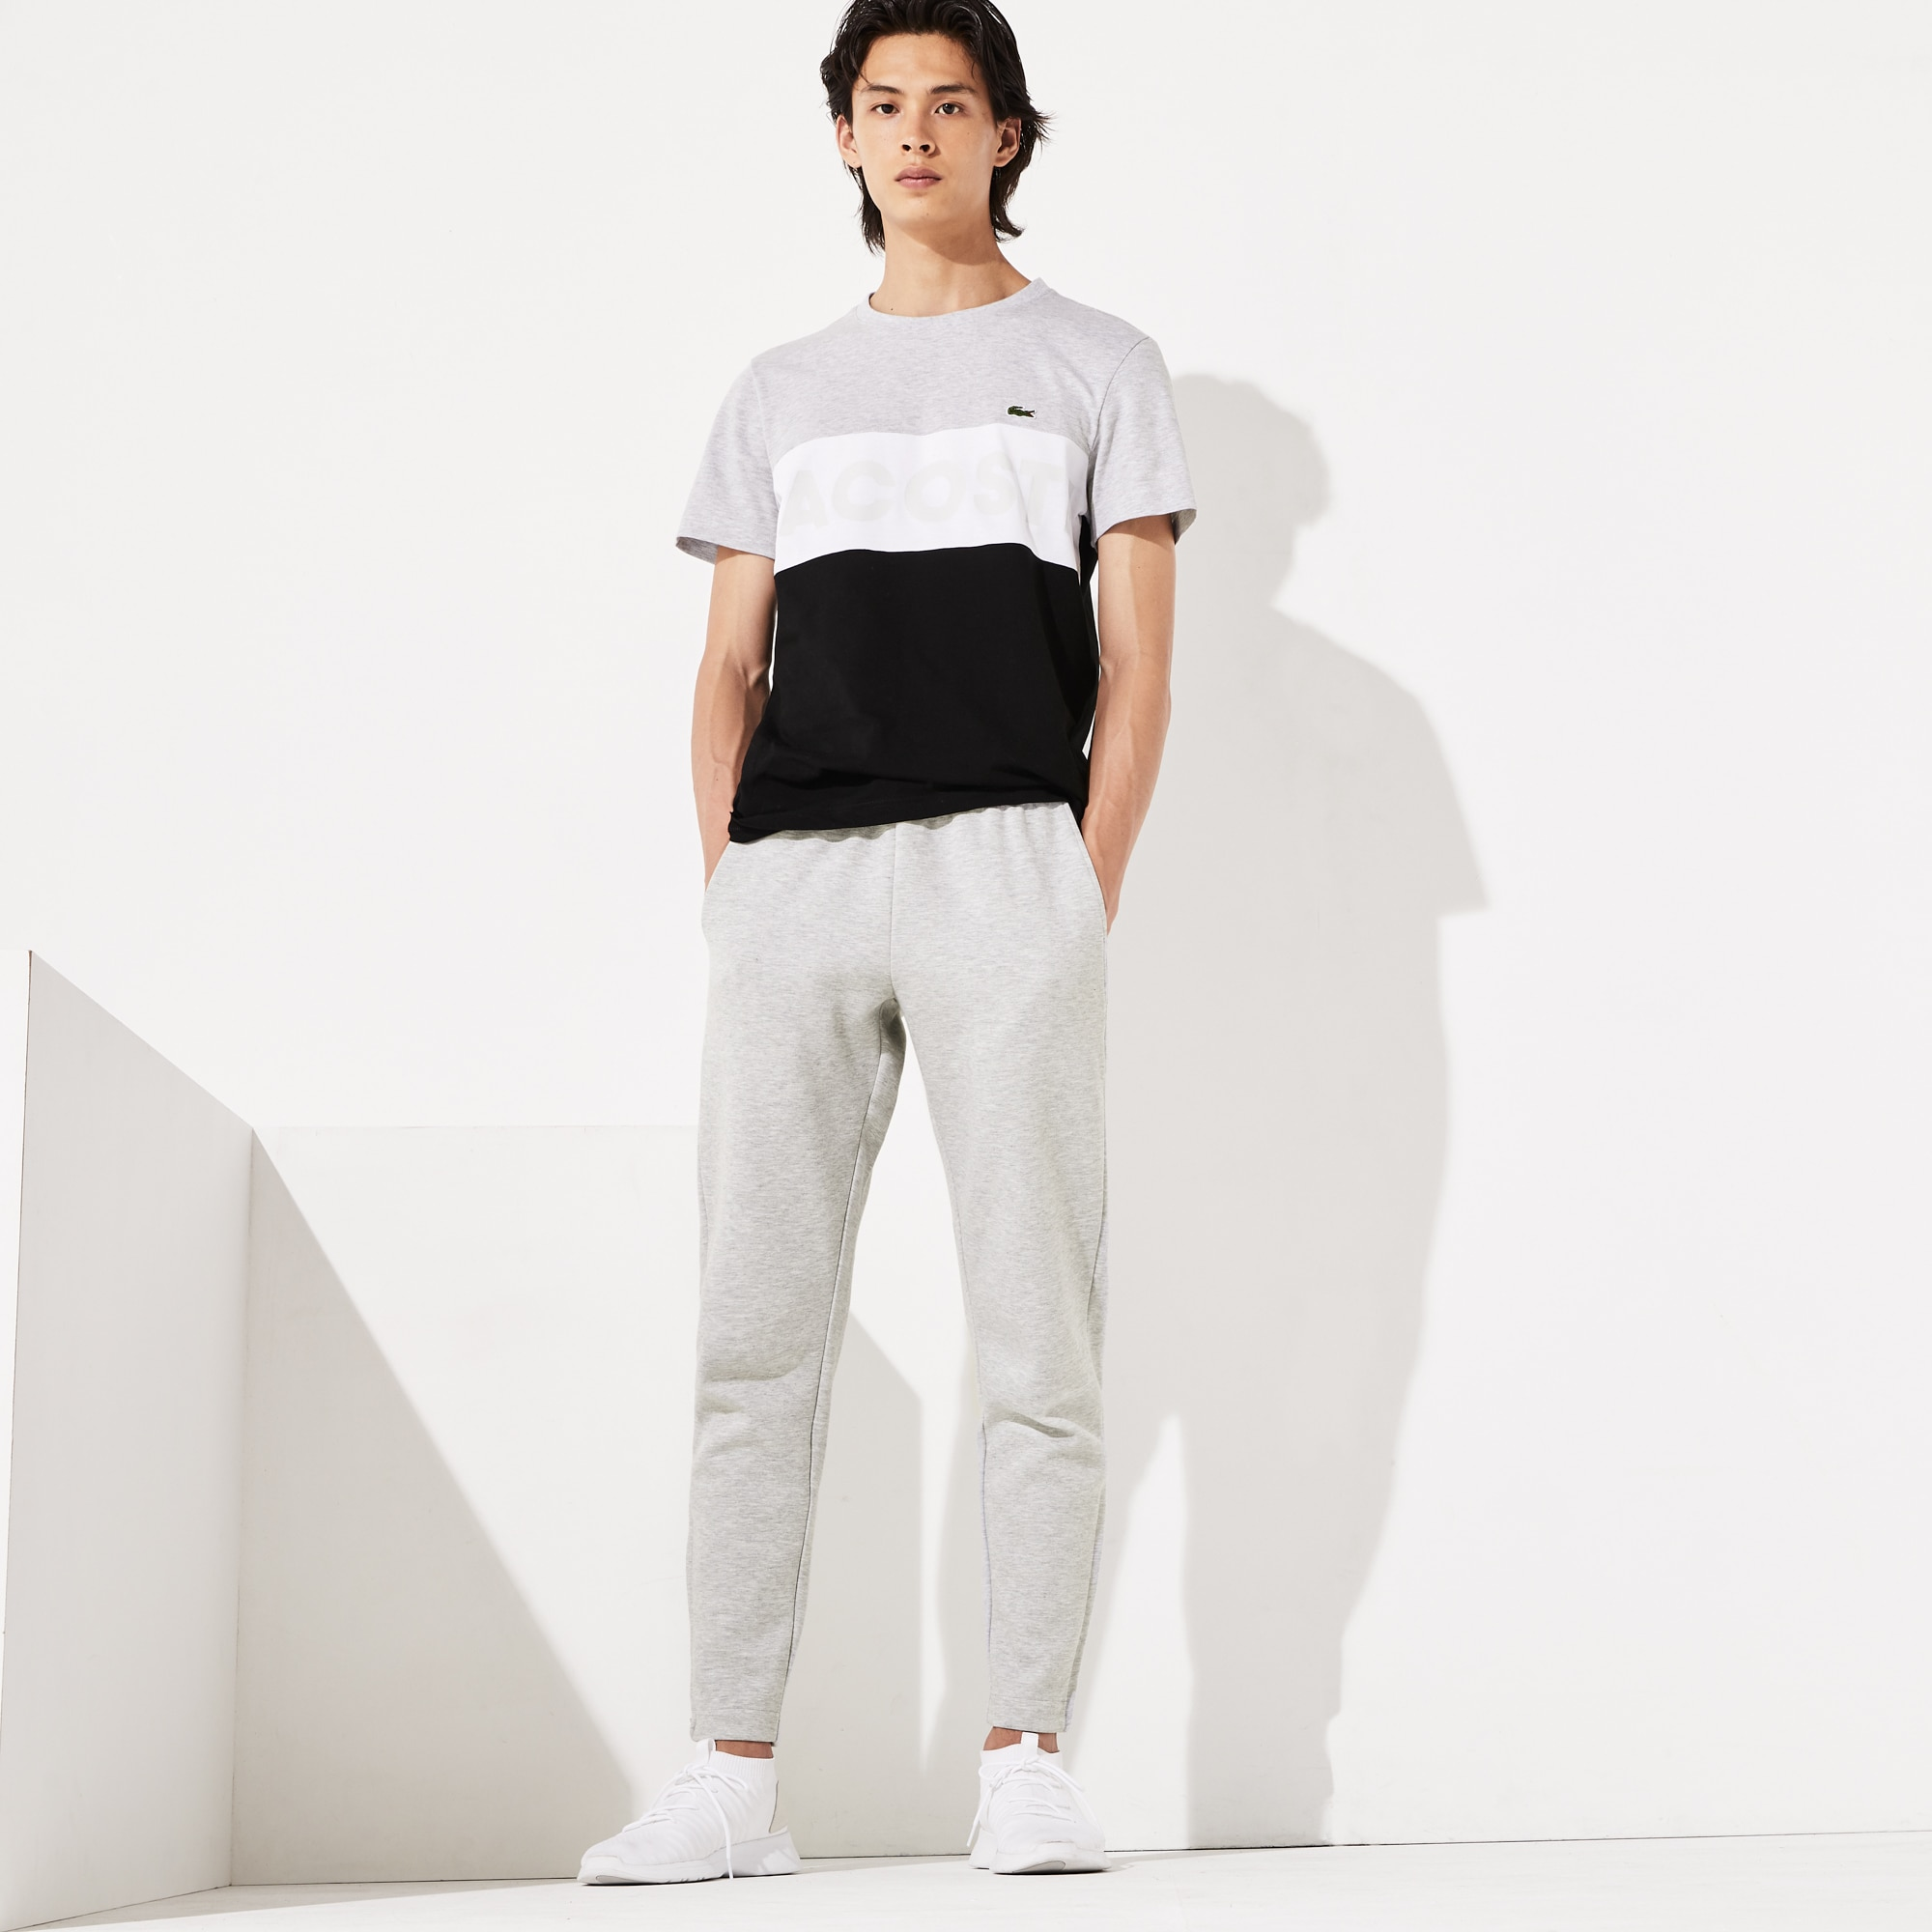 Lacoste Pants Men's SPORT Fitted Cotton-Blend Sweatpants